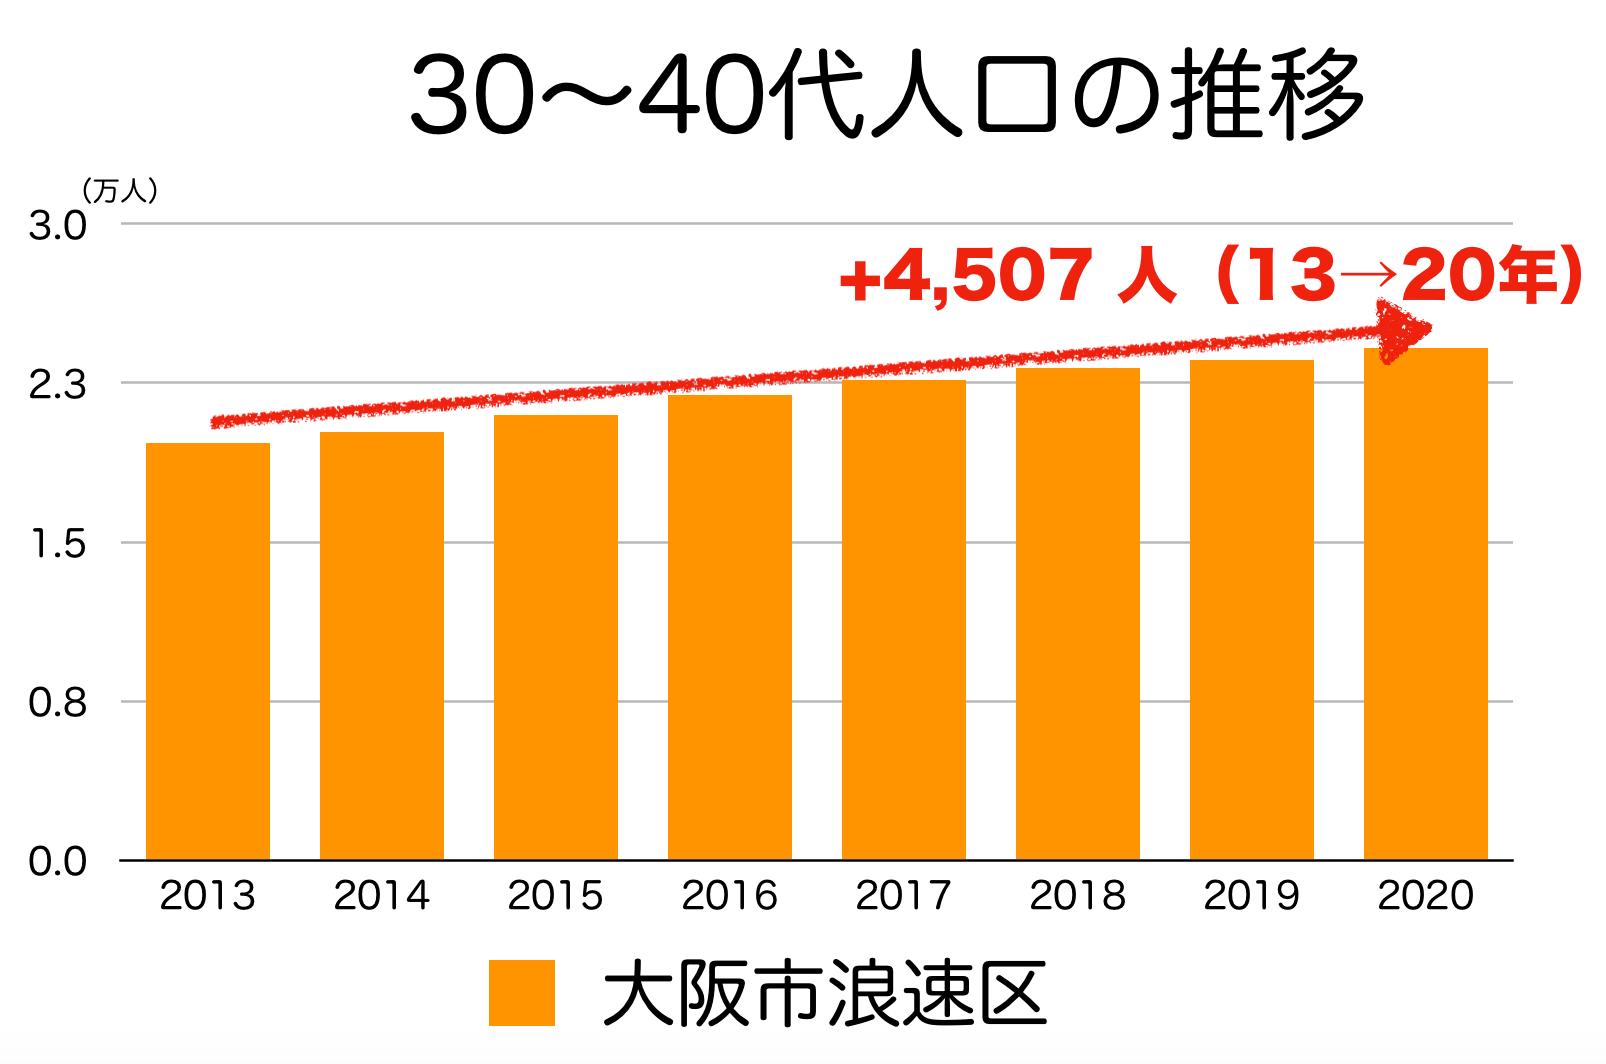 大阪市浪速区の30〜40代人口の推移